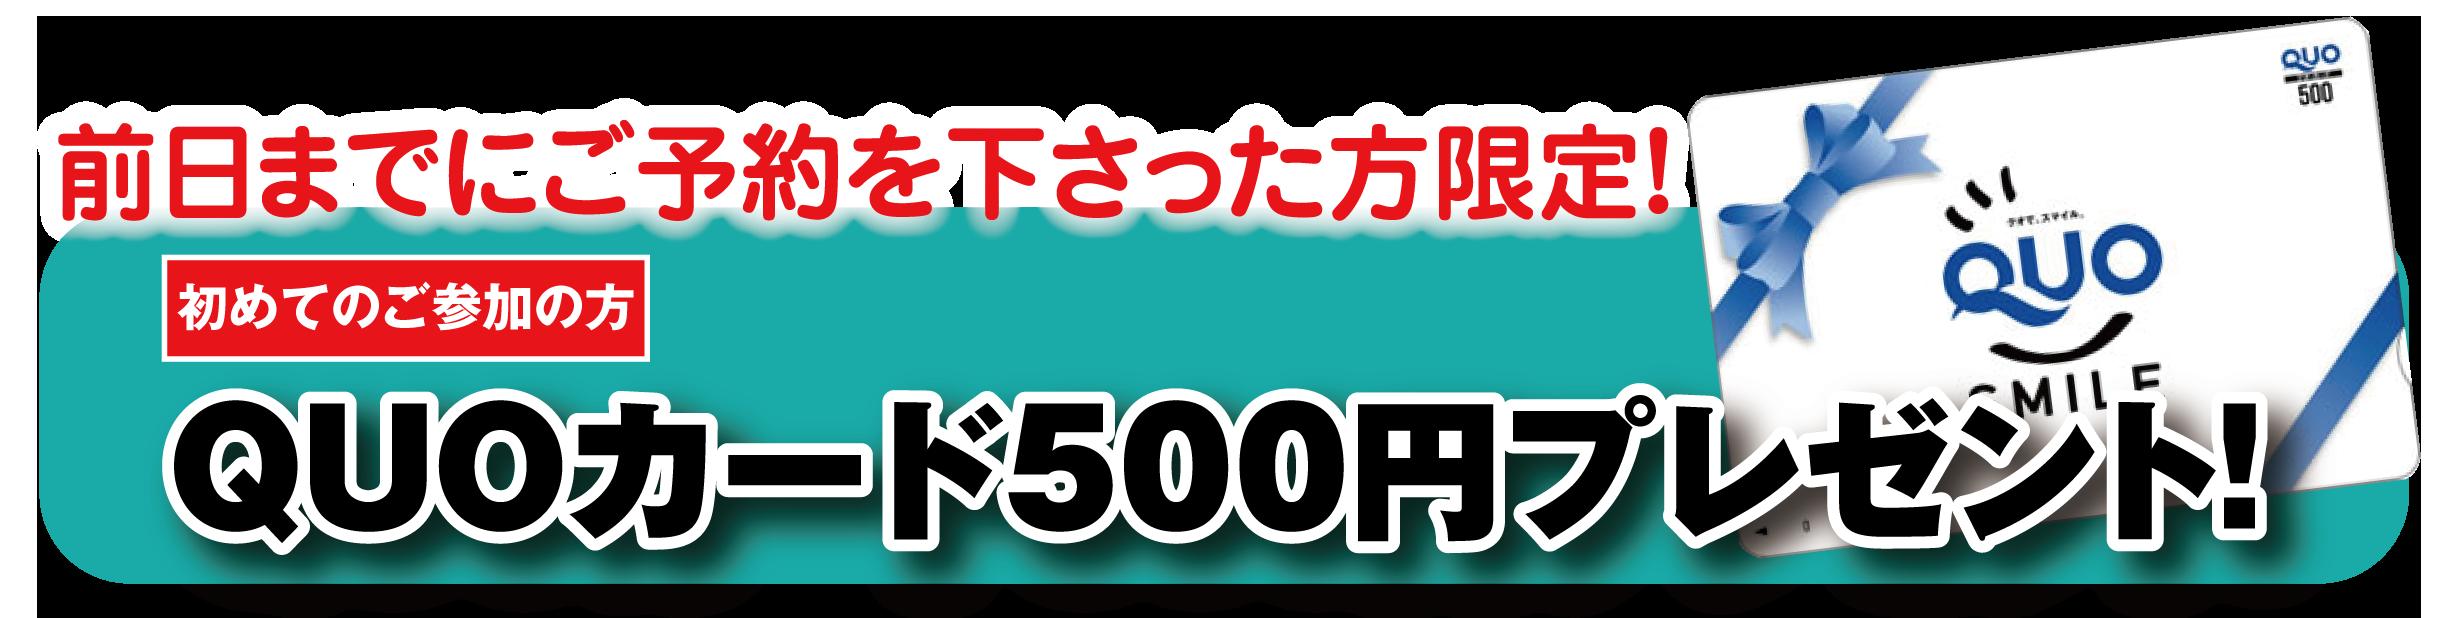 QUO500_01